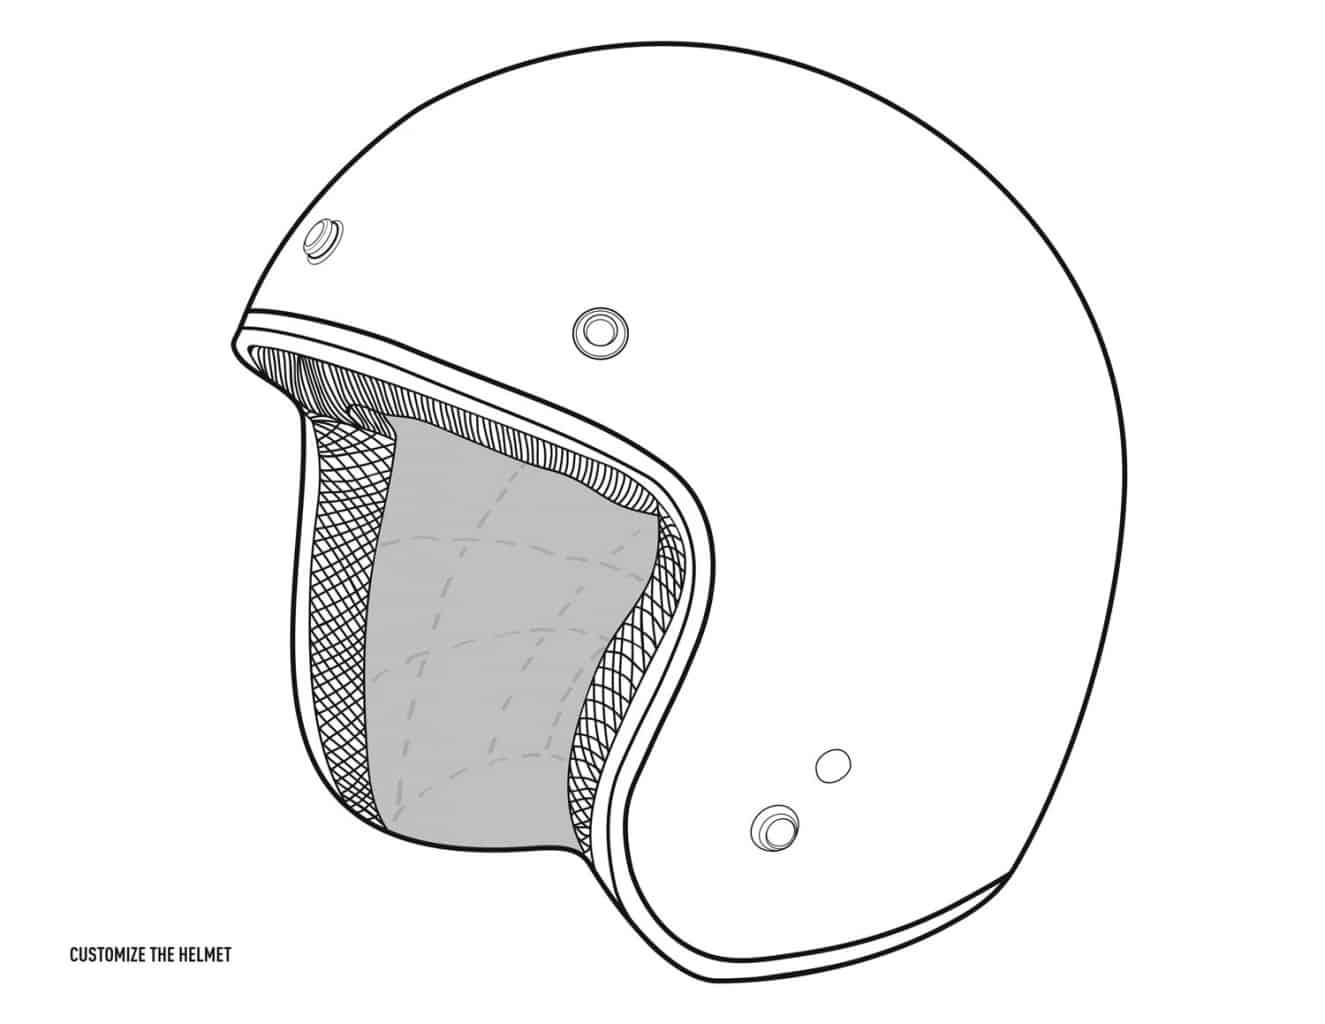 Harley-Davidson Helm zum Ausmalen